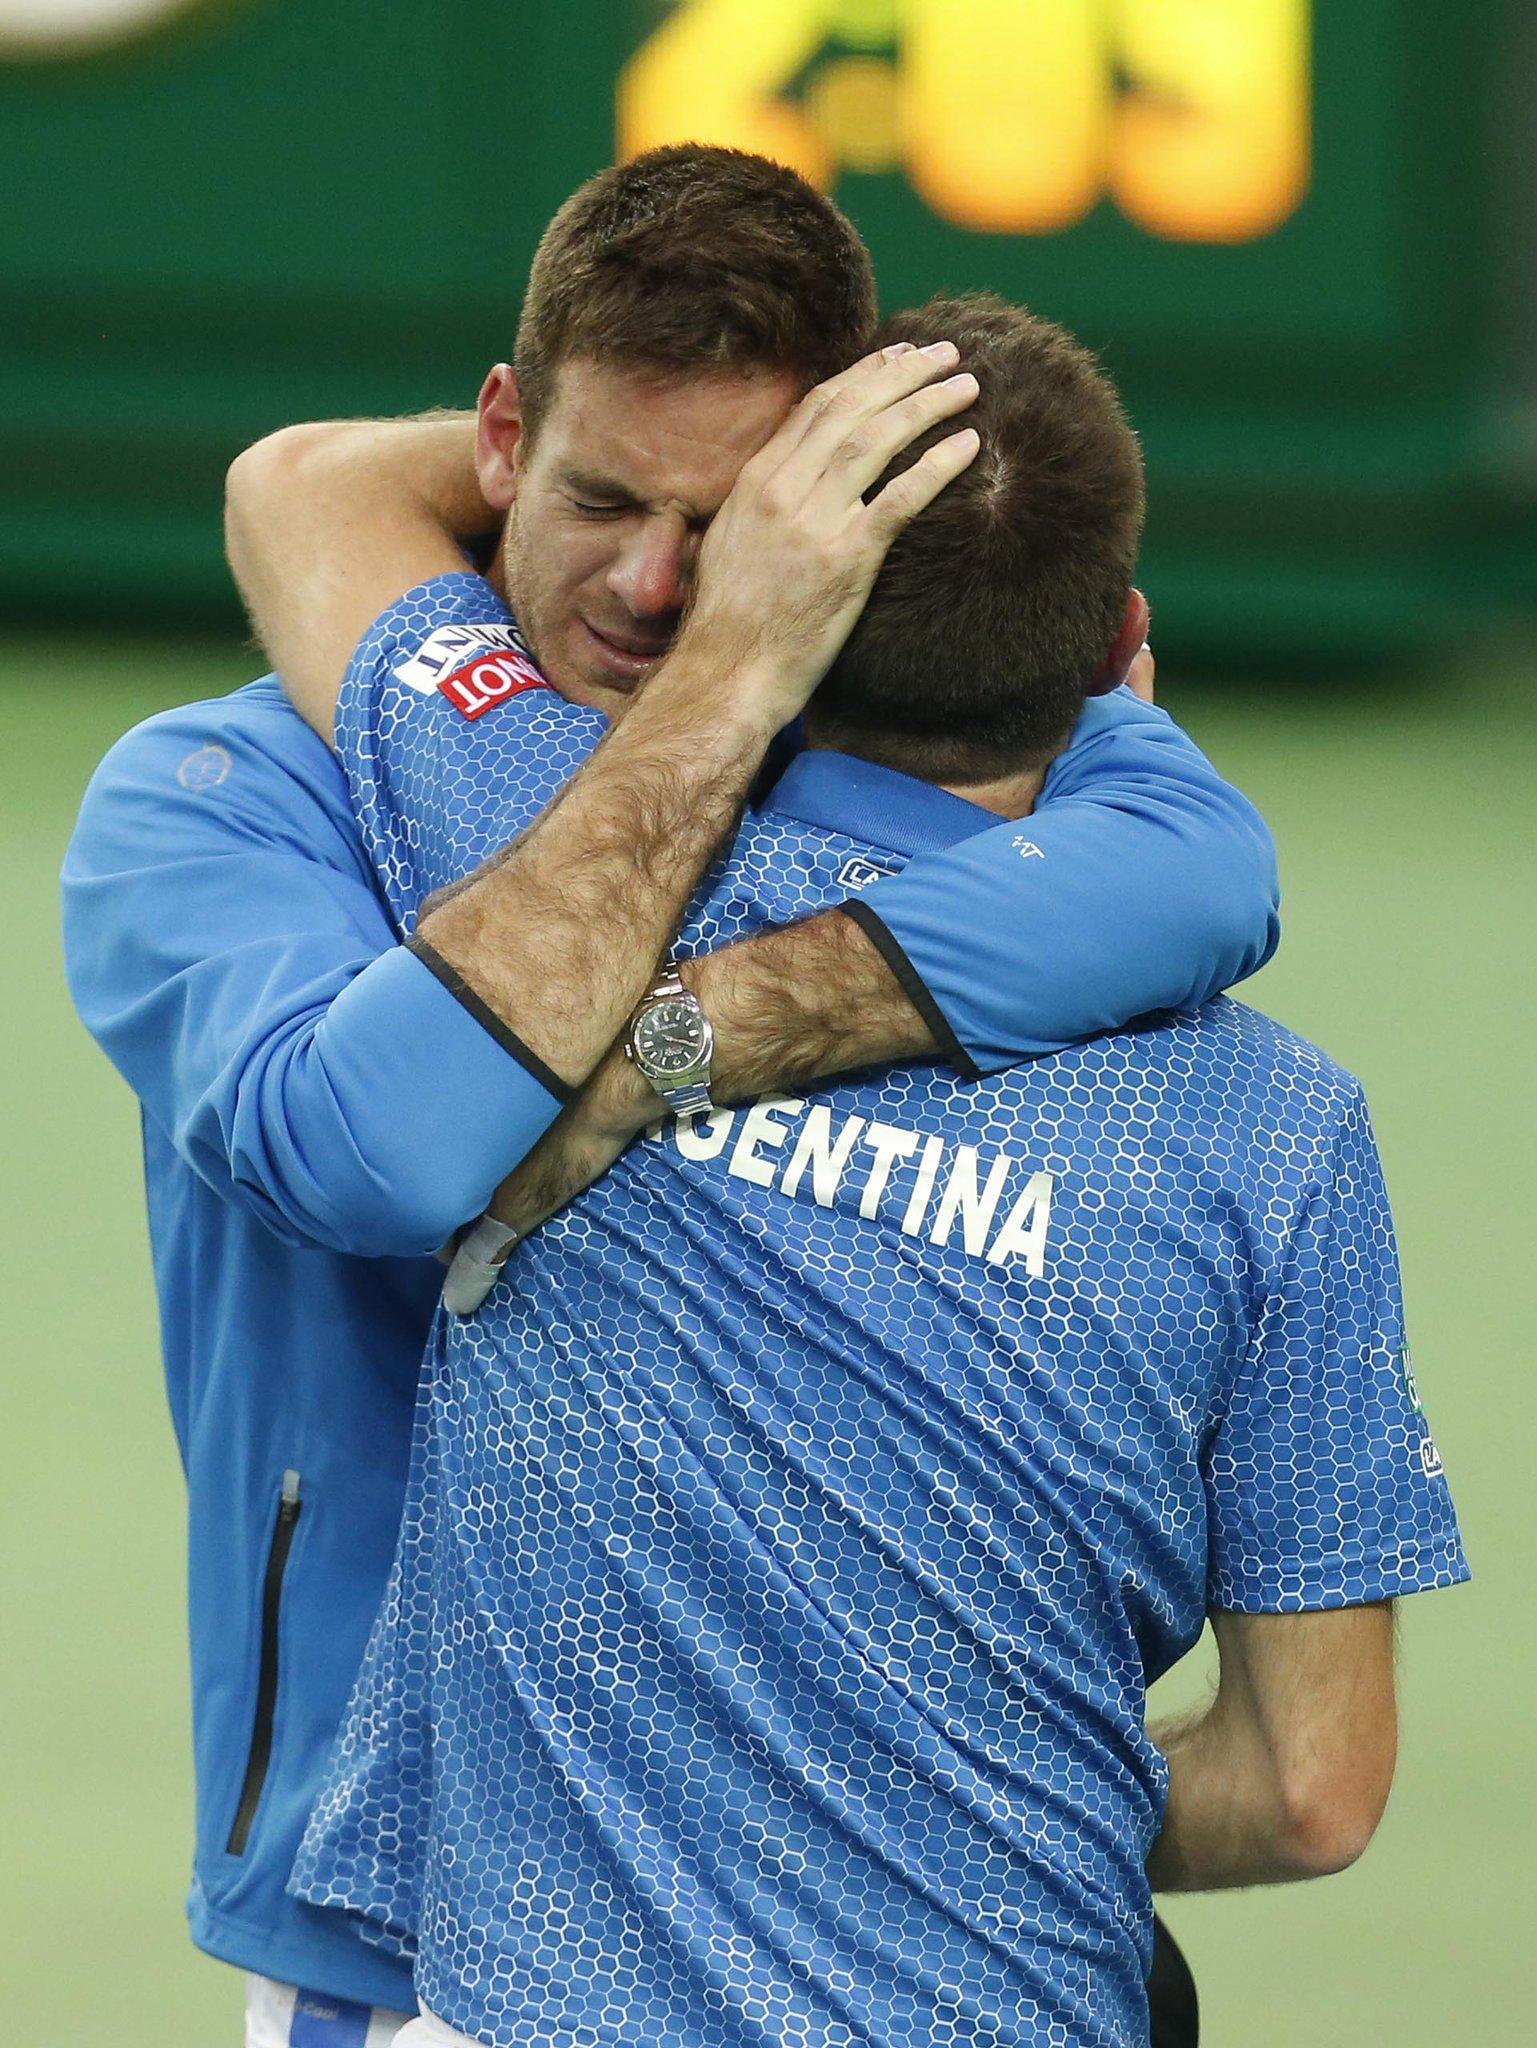 Estas son las 27 mejores fotos del festejo del equipo argentino de #CopaDavis https://t.co/vDGjrkR9yq https://t.co/IgZOPgT7o8